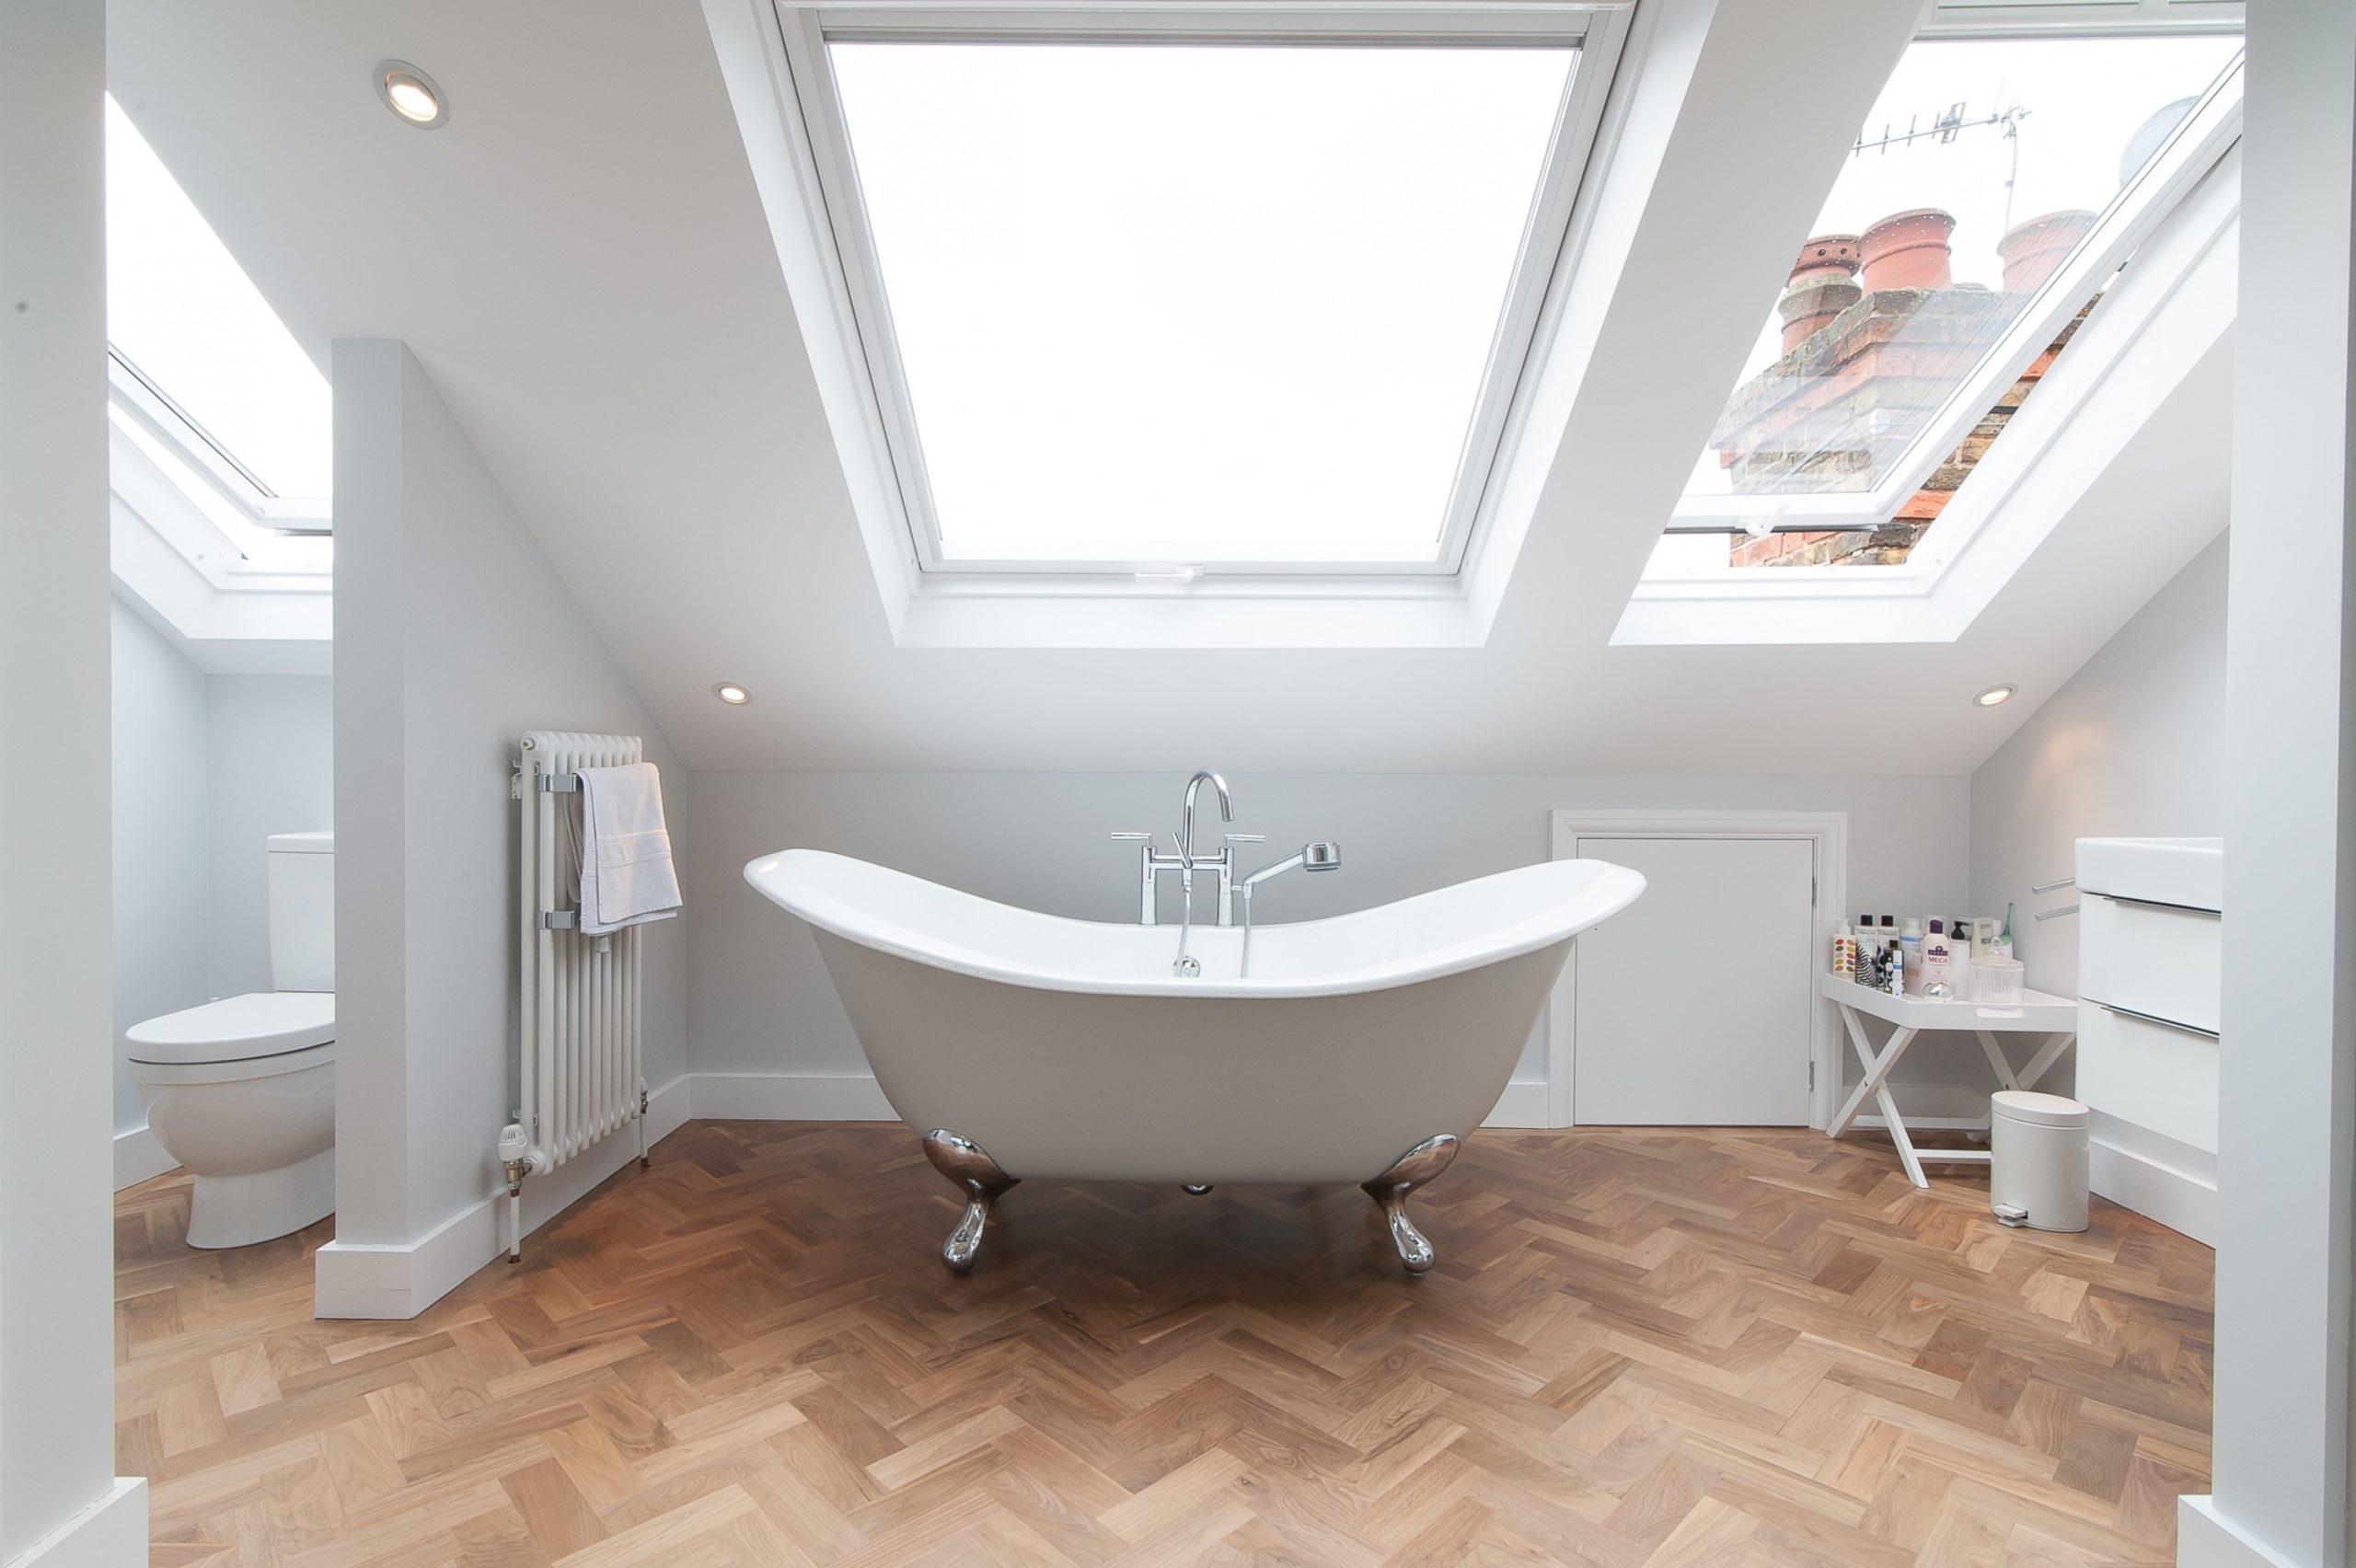 Une idée curieuse est de recouvrir le sol autour de la baignoire de parquet.